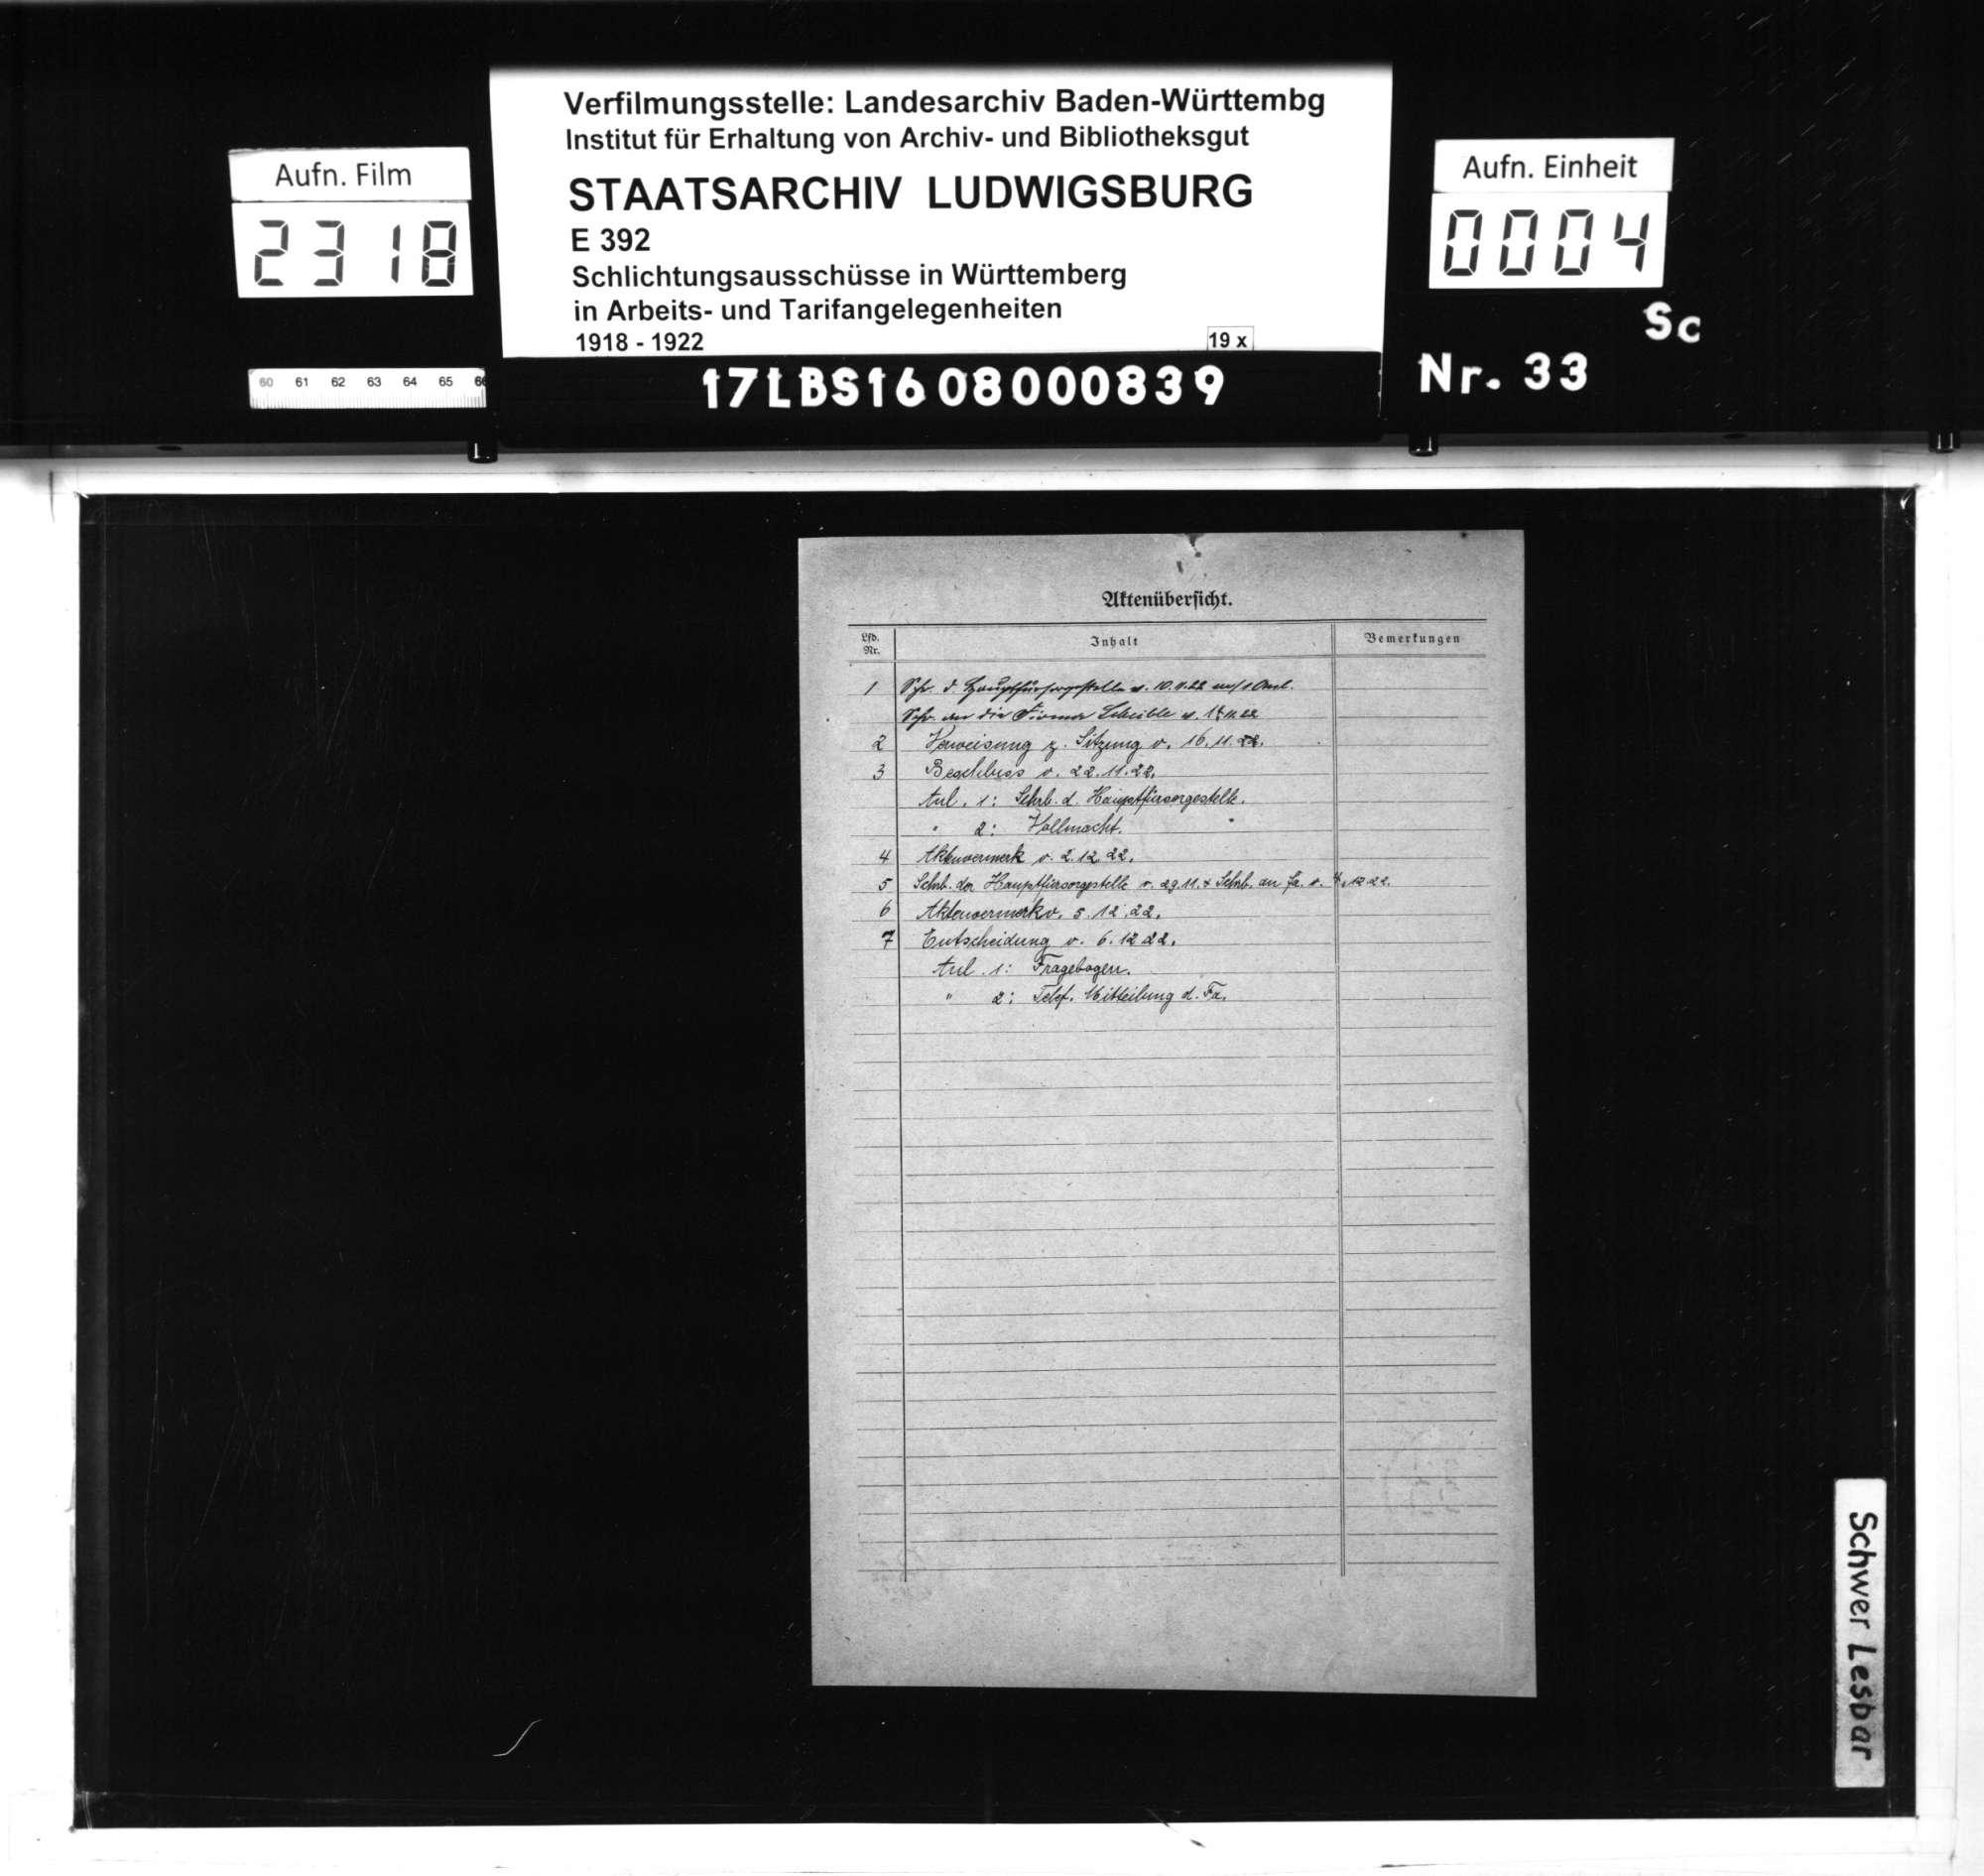 Streitigkeit der Hauptfürsorgestelle der Kriegsbeschädigten - und Kriegshinterbliebenen-Fürsorge in Württemberg mit der Firma Louis Scheible, Apparatebau, Kocherwerke Aalen, betreffend Festsetzung einer Buße wegen verweigerter bzw. verzögerter Beantwortung eines Fragebogens zur Beschäftigung Schwerbehinderter, Bild 2